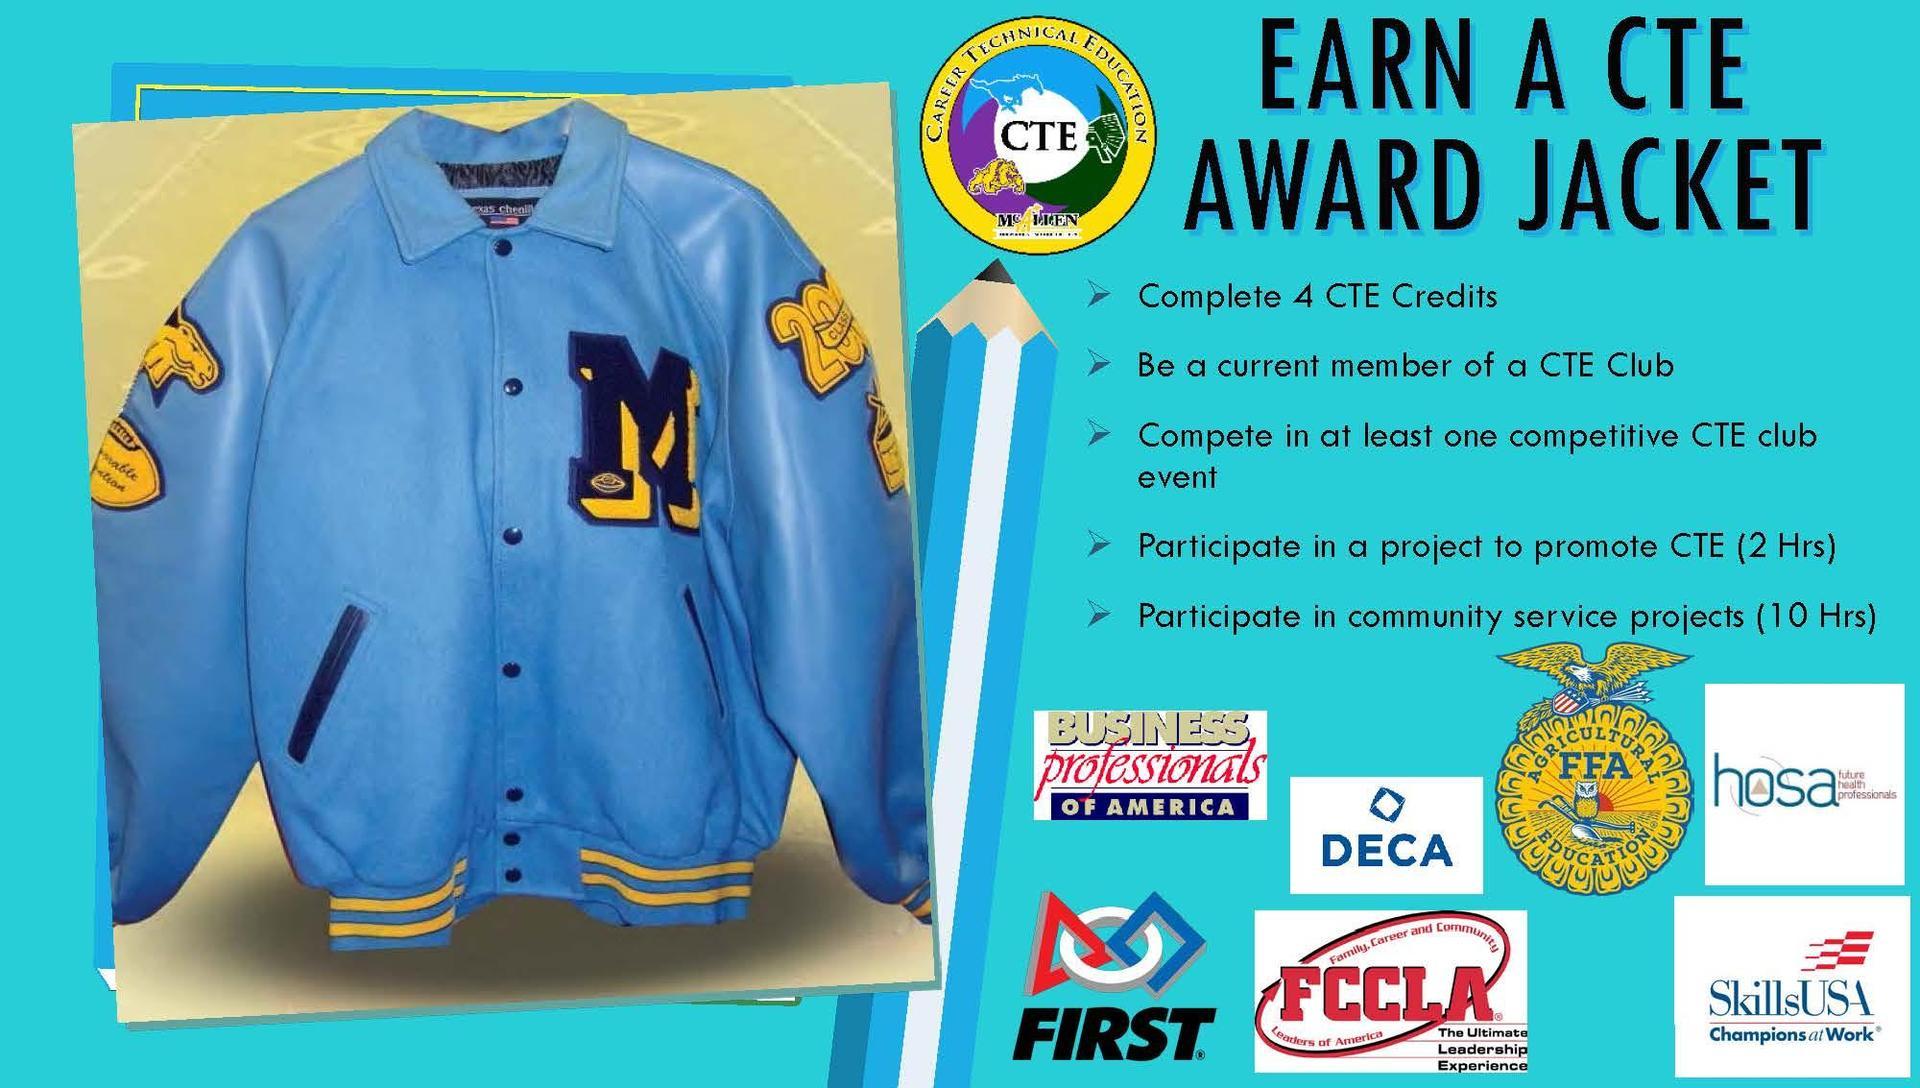 CTE Award Jacket